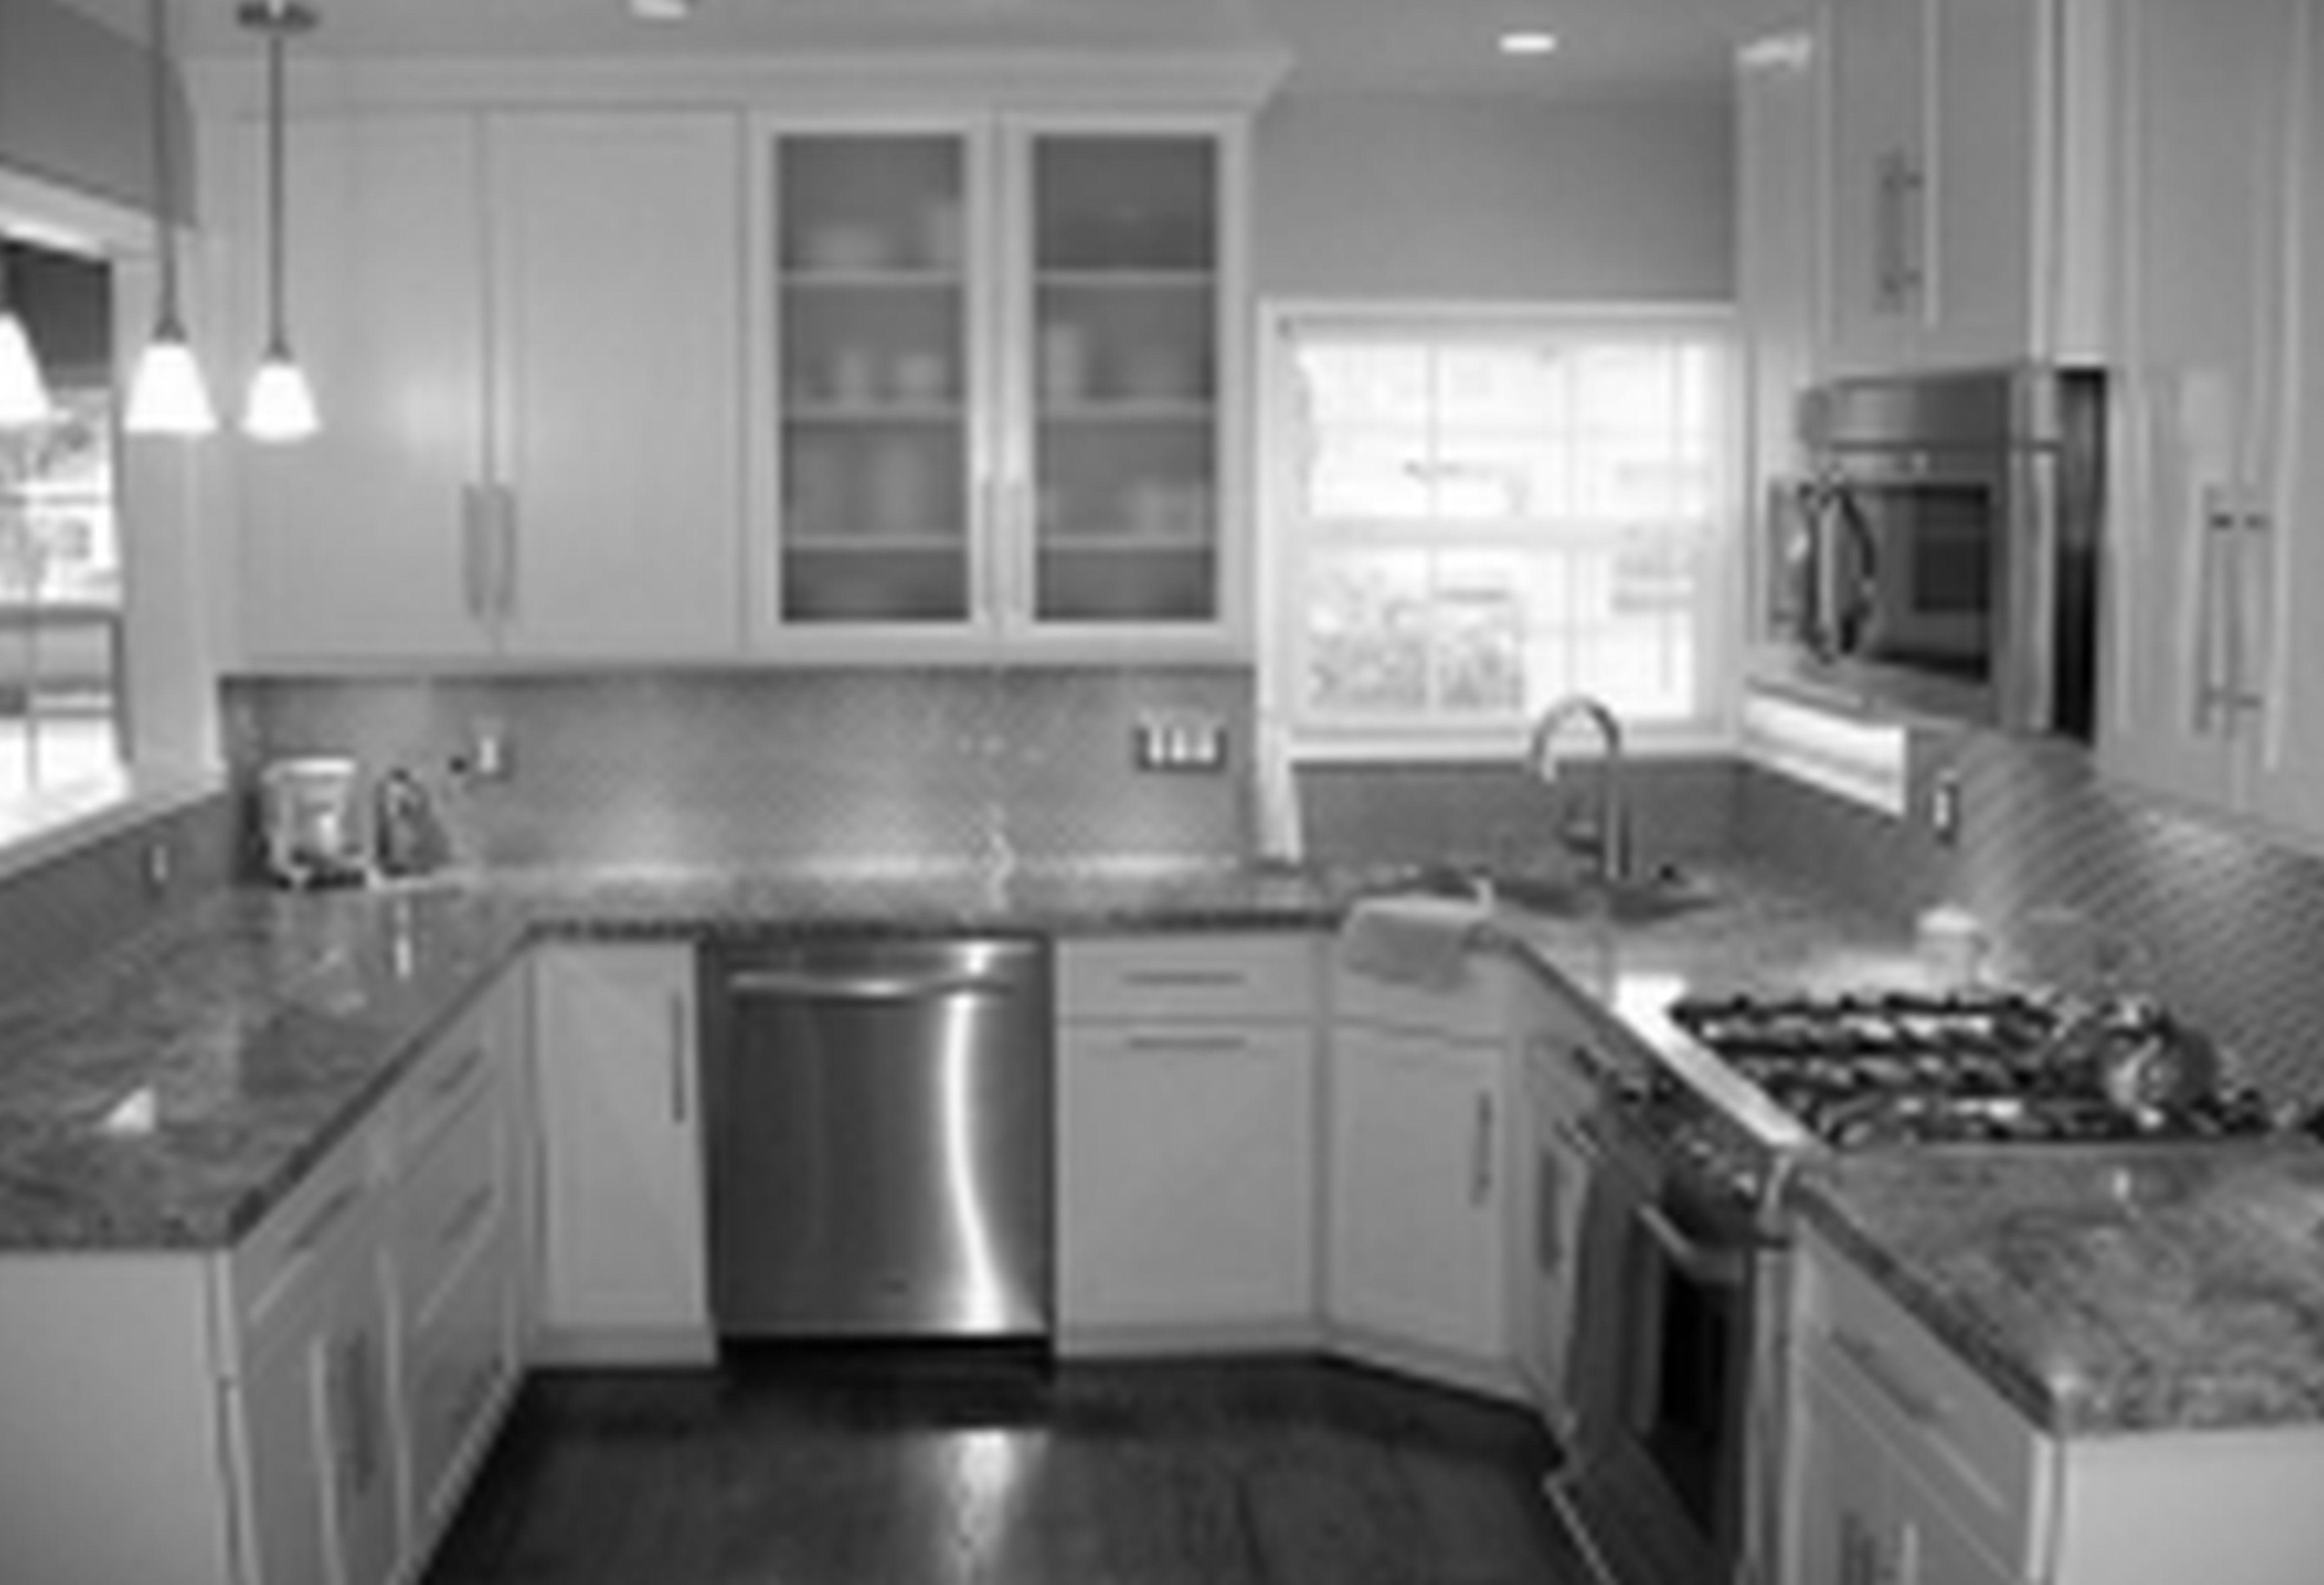 Outstanding U Shaped White Kitchen Ideas With Corner Sink Kitchen Added Curved Faucet Also Frosted Glass Door Cabi Spülbecken Design Küchendesign Schrank Küche